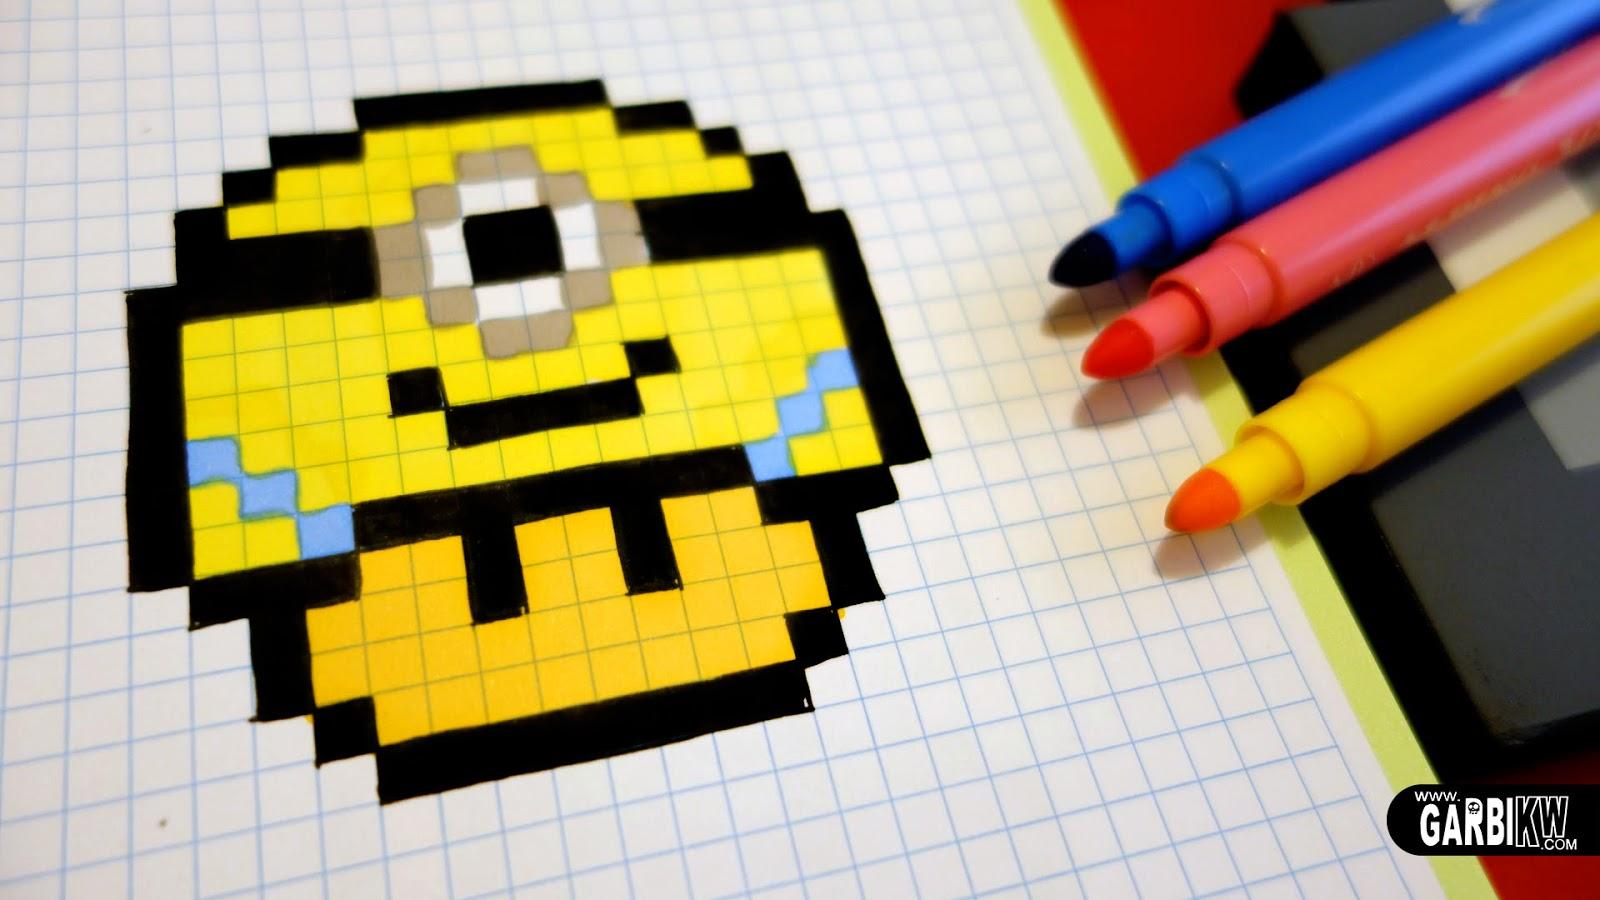 Handmade Pixel Art , How To Draw a Minion Mushroom pixelart